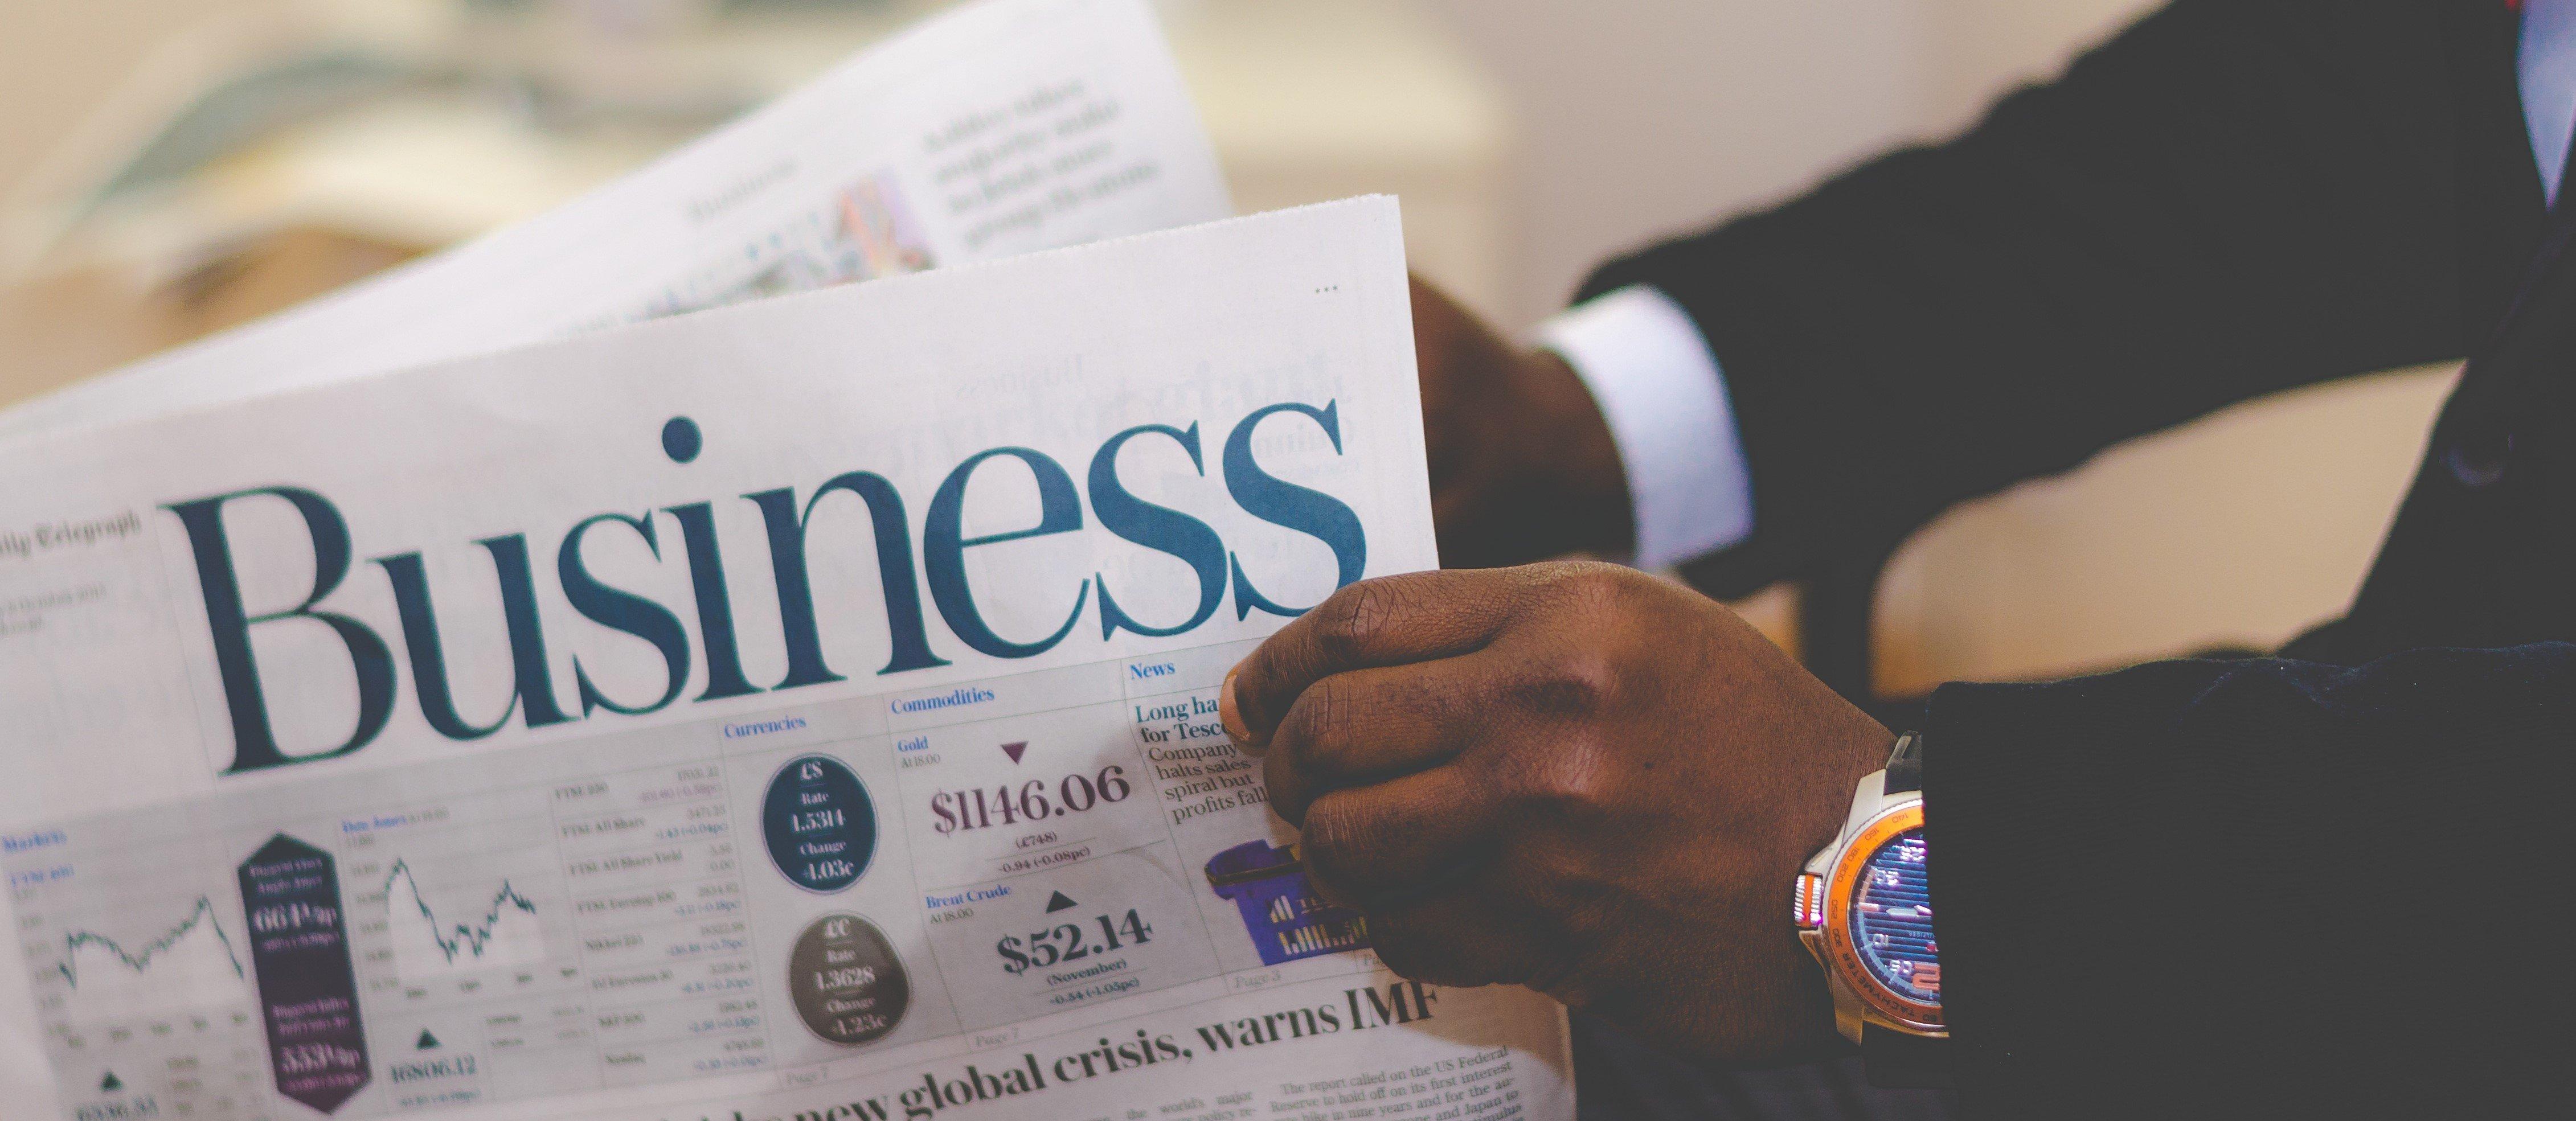 business_news.jpg